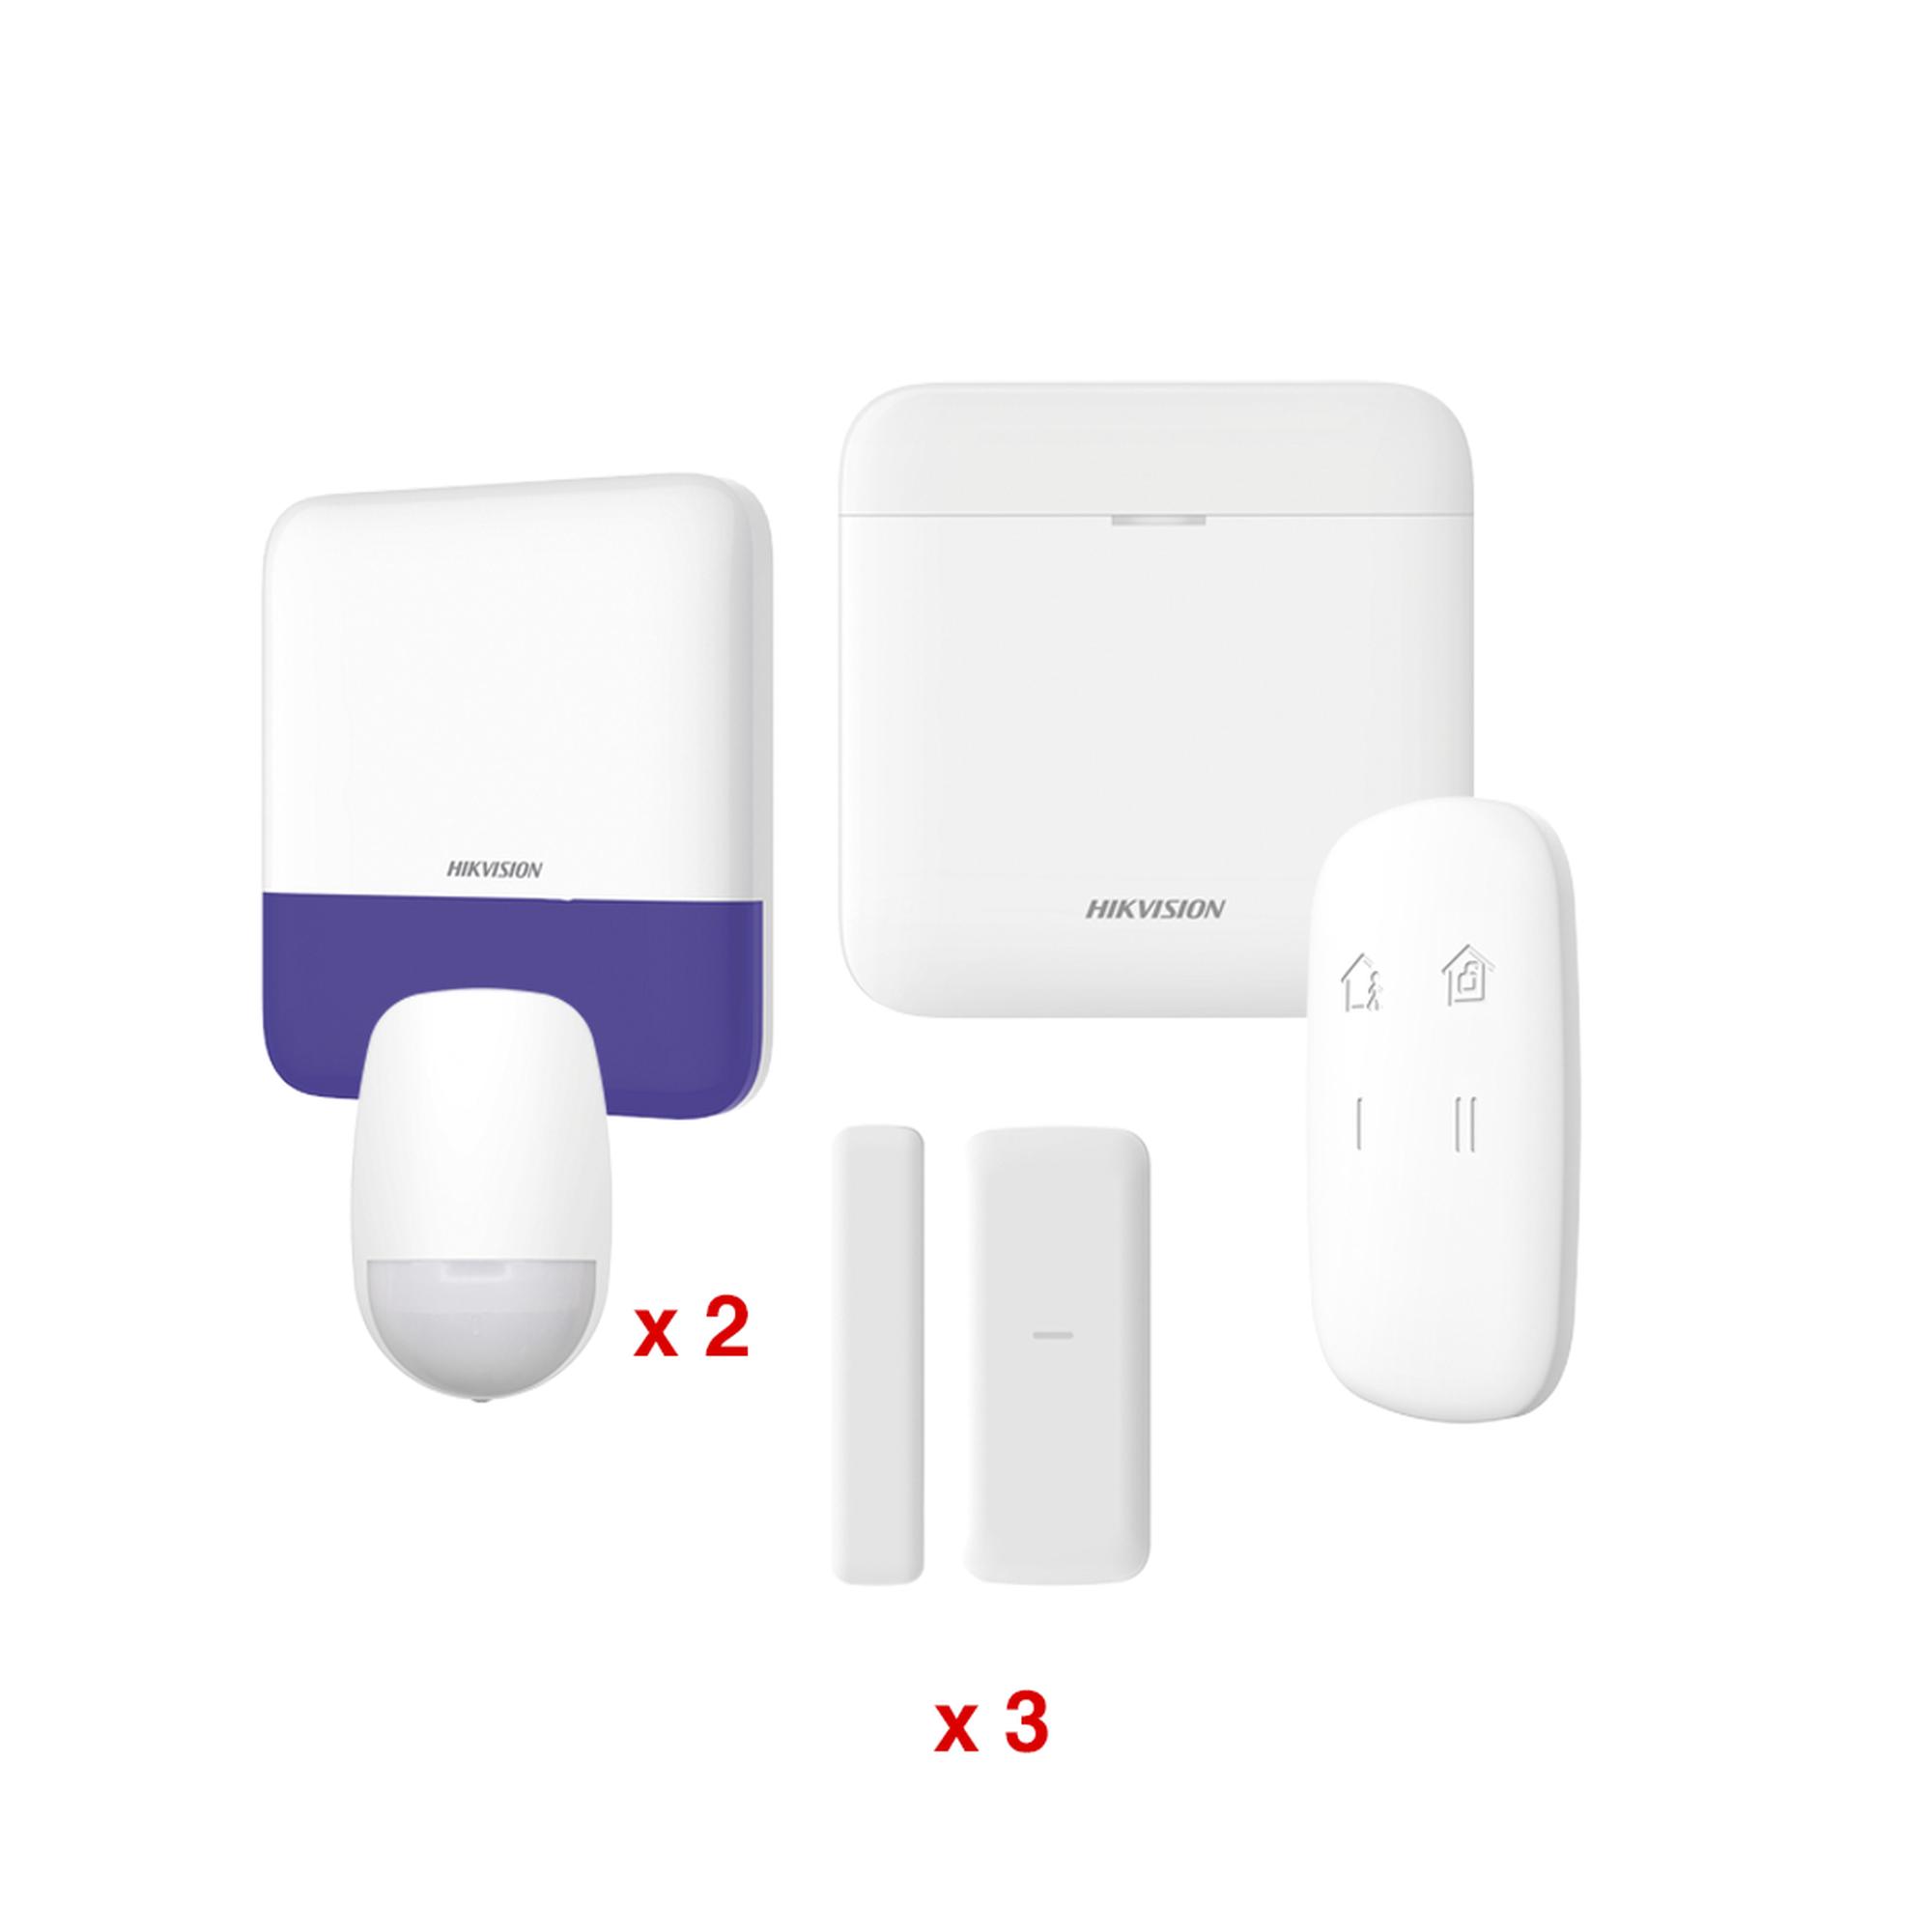 (AX PRO) KIT de Alarma AXP RO / Incluye: 1 Hub / 2 Sensores PIR / 3 Contactos Magnéticos mini / 1 Control Remoto / 1 Sirena Inalambrica Exterior  / WiFi / Compatible con Hik-Connect P2P